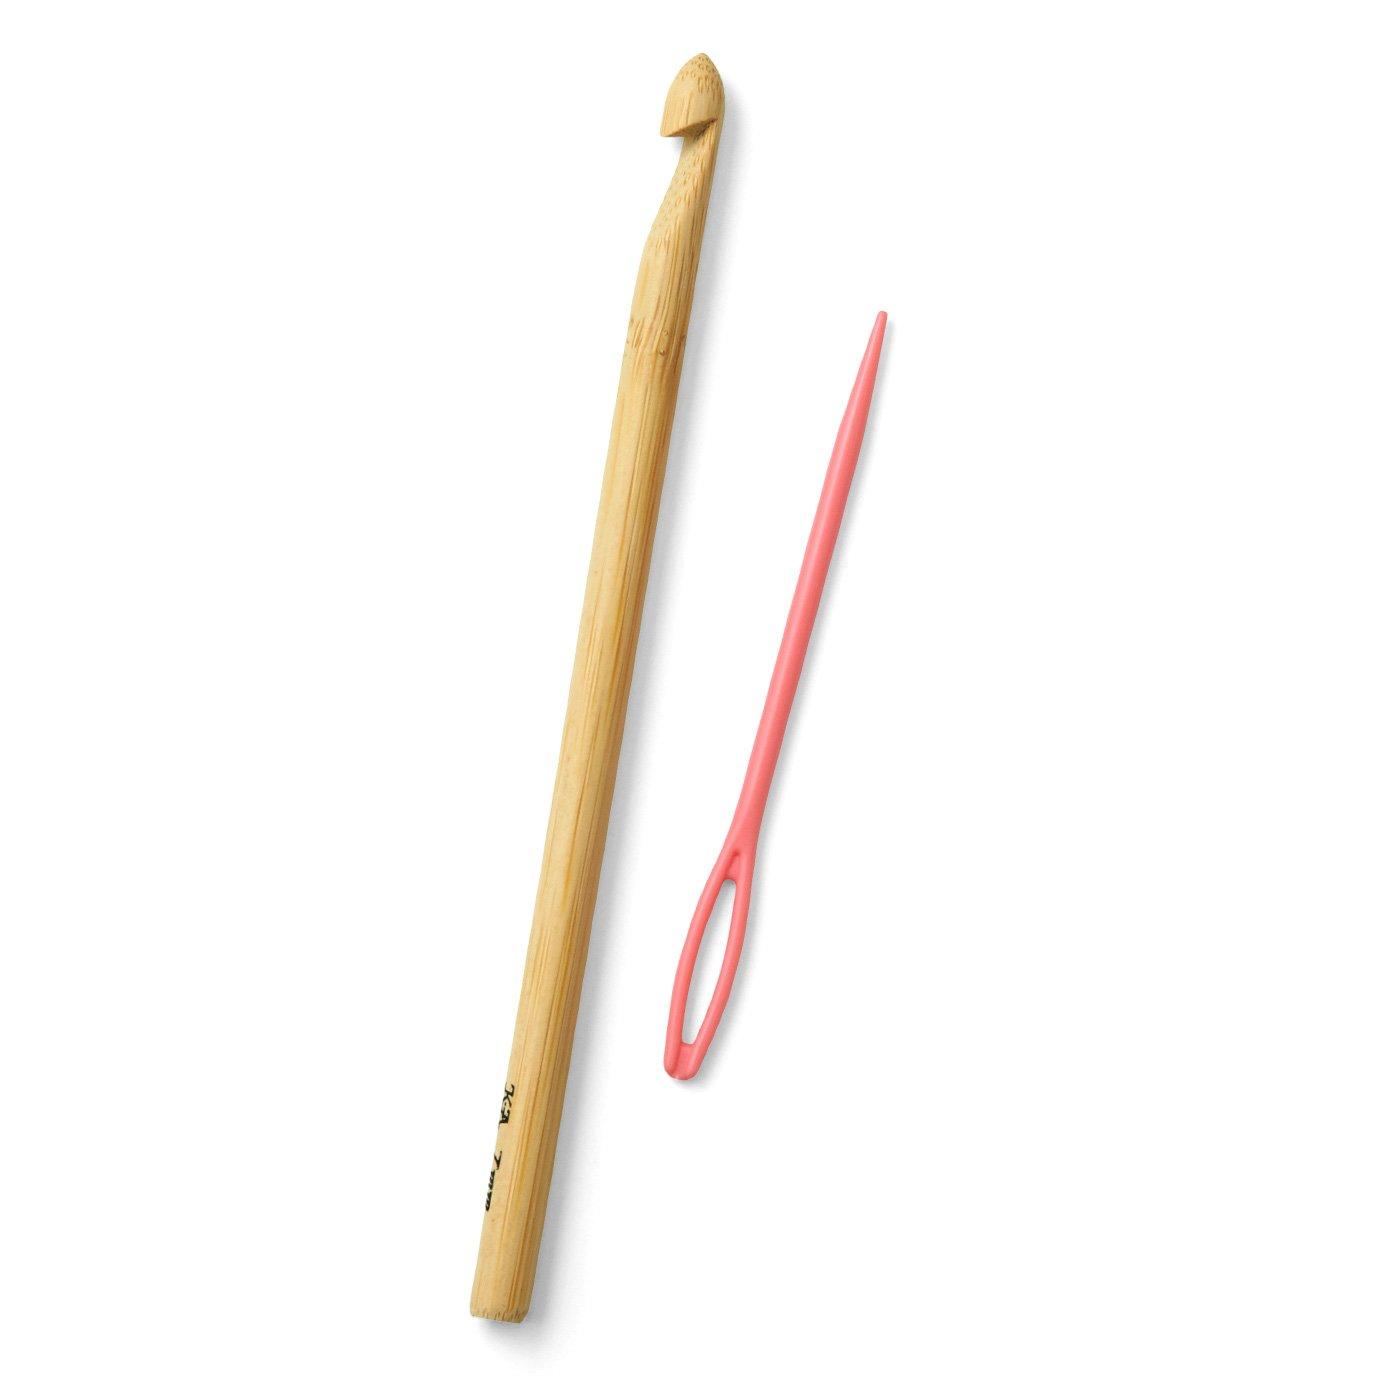 竹かぎ針7mmととじ針セット